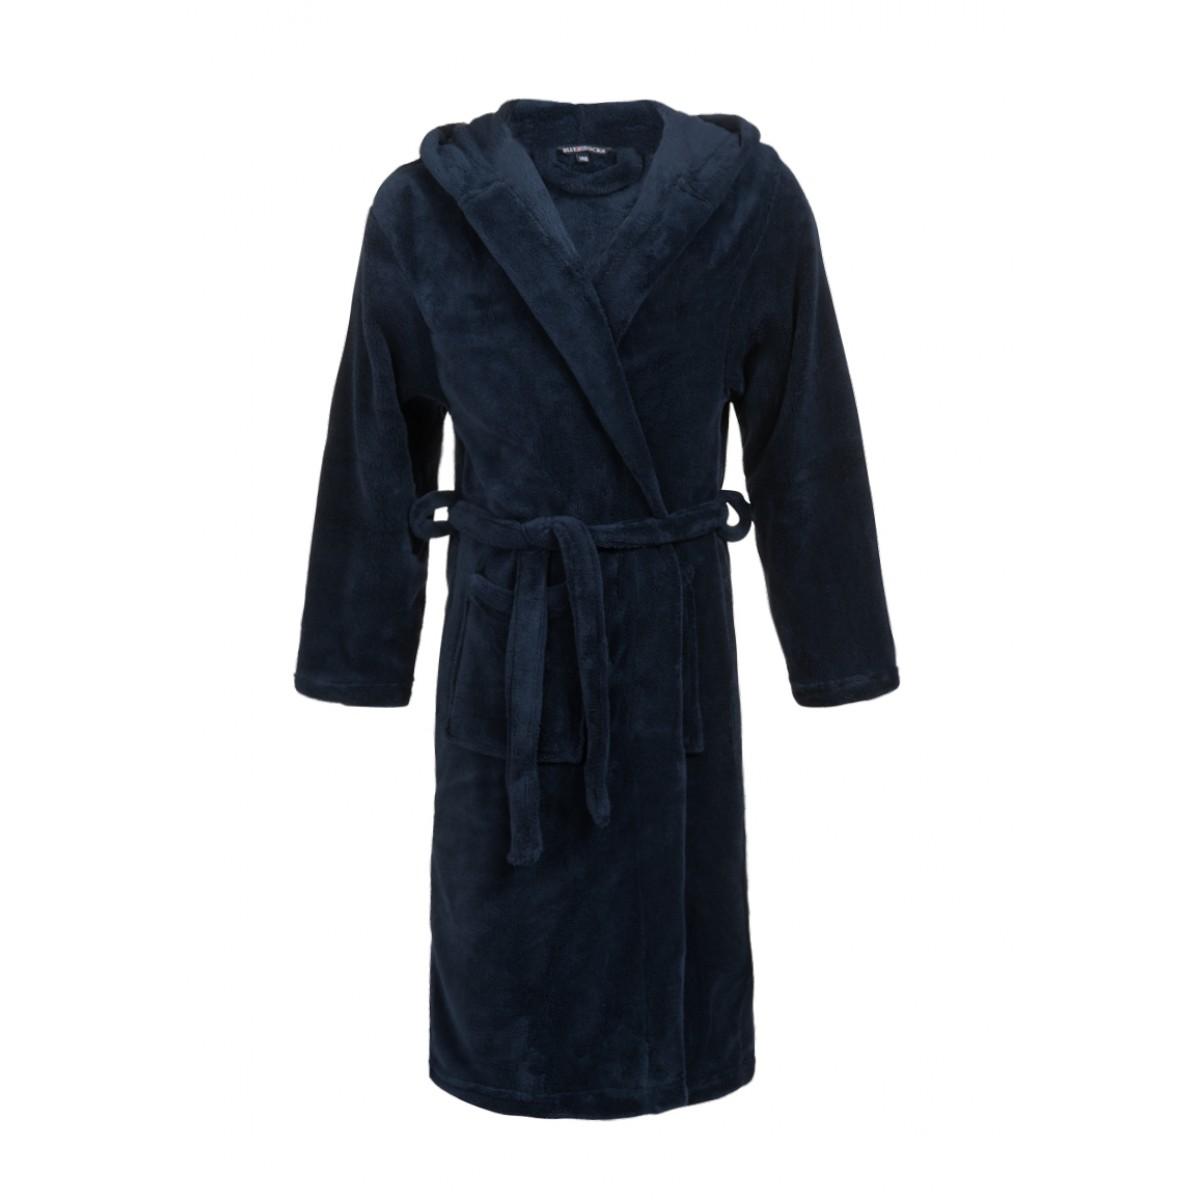 Tiener badjas blauw